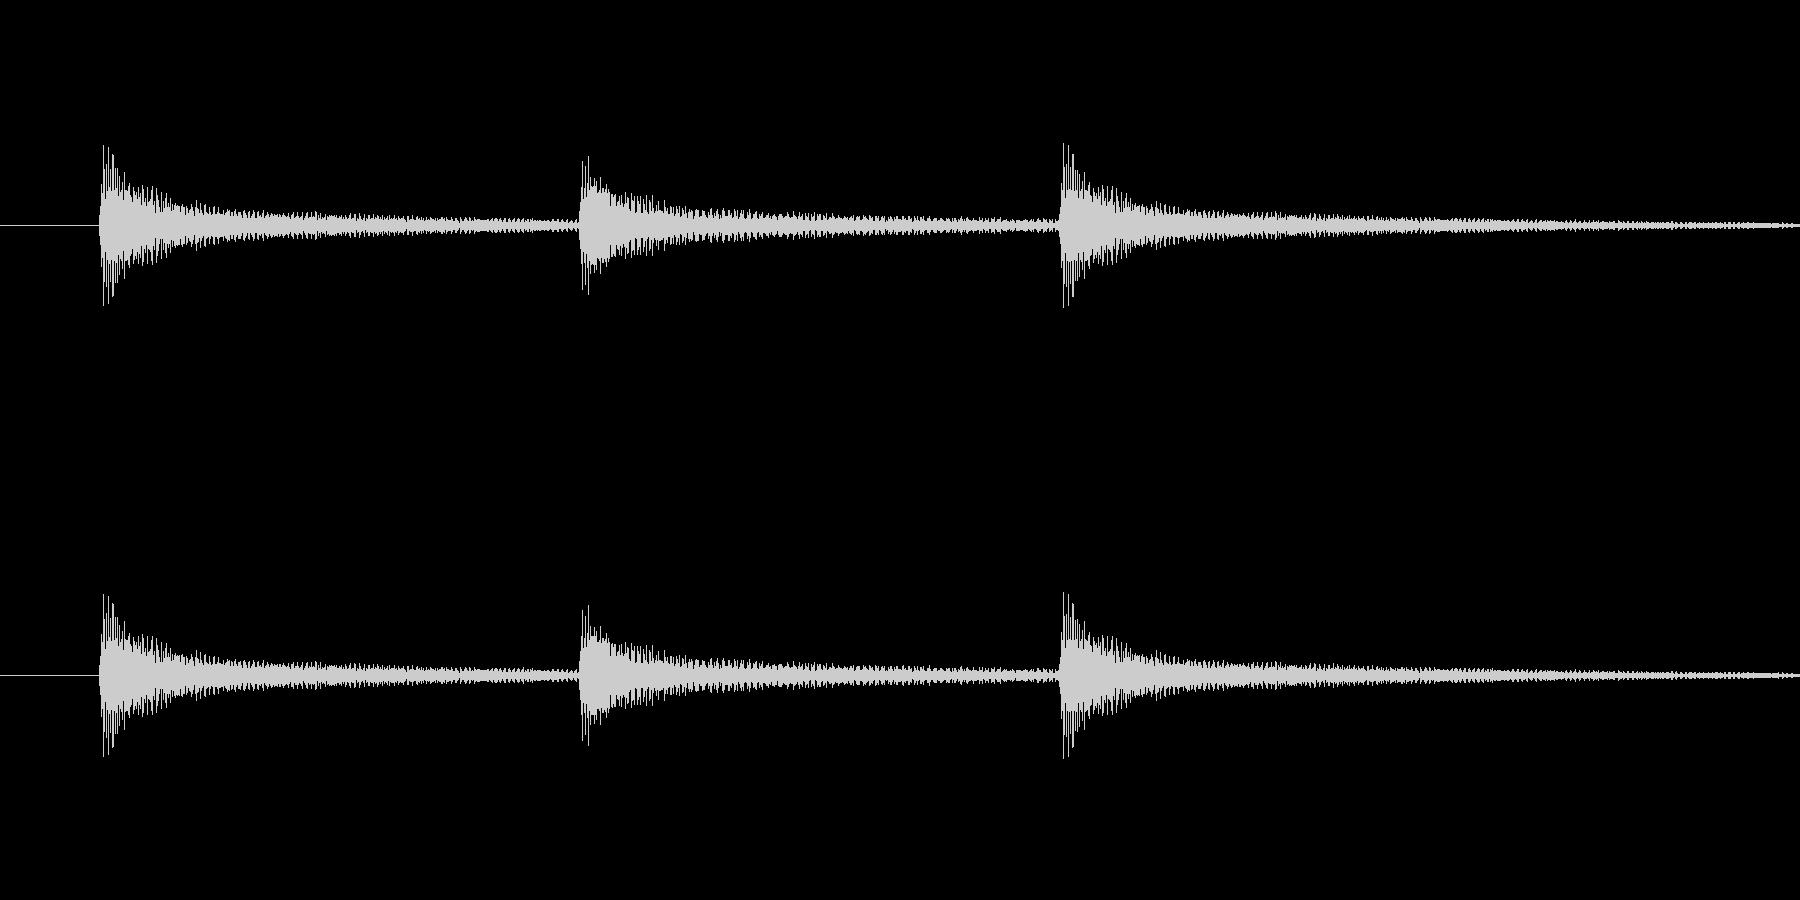 起立礼の時に演奏するピアノ音の未再生の波形